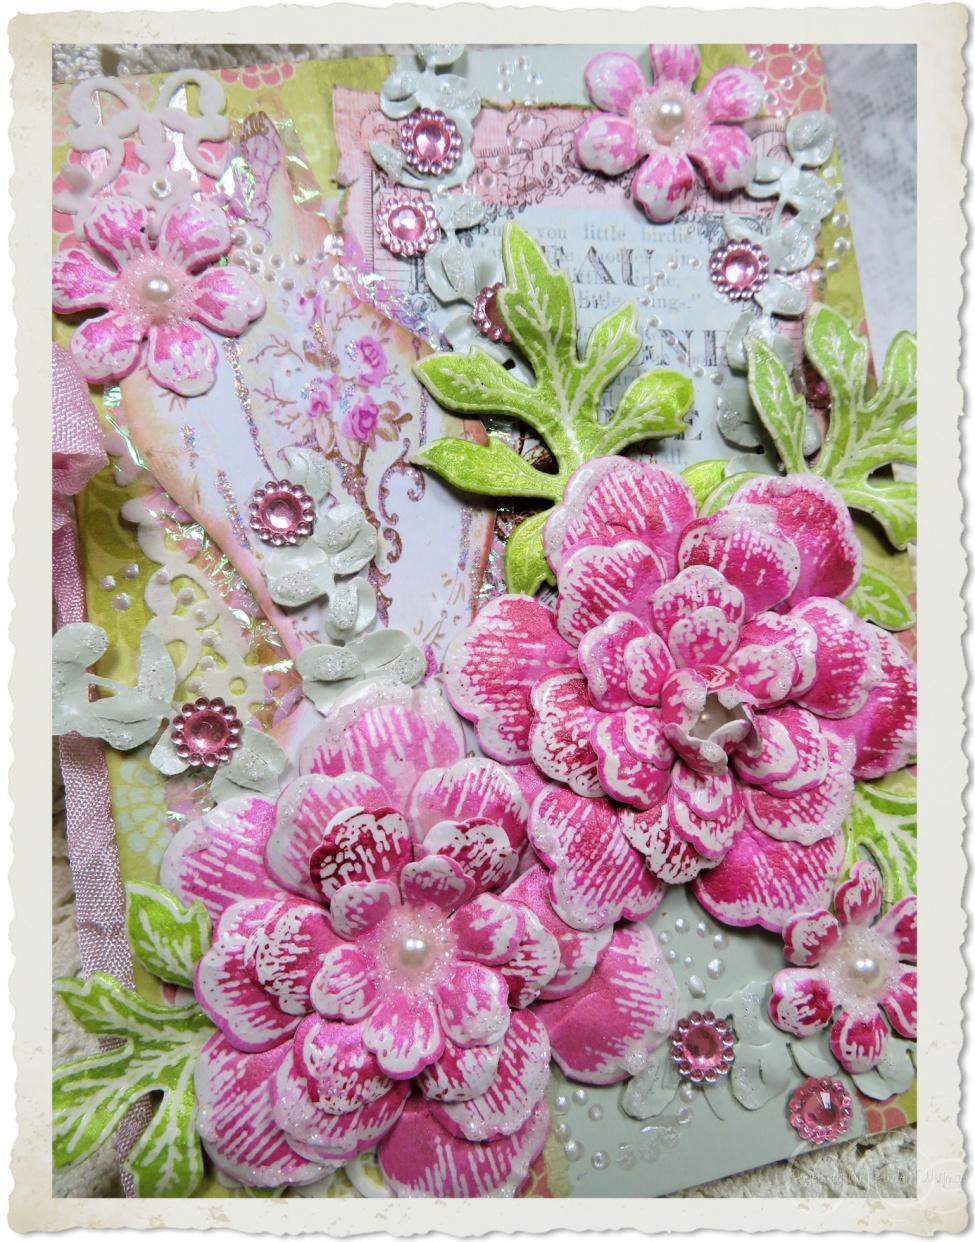 Handmade pink paper roses by Ingeborg